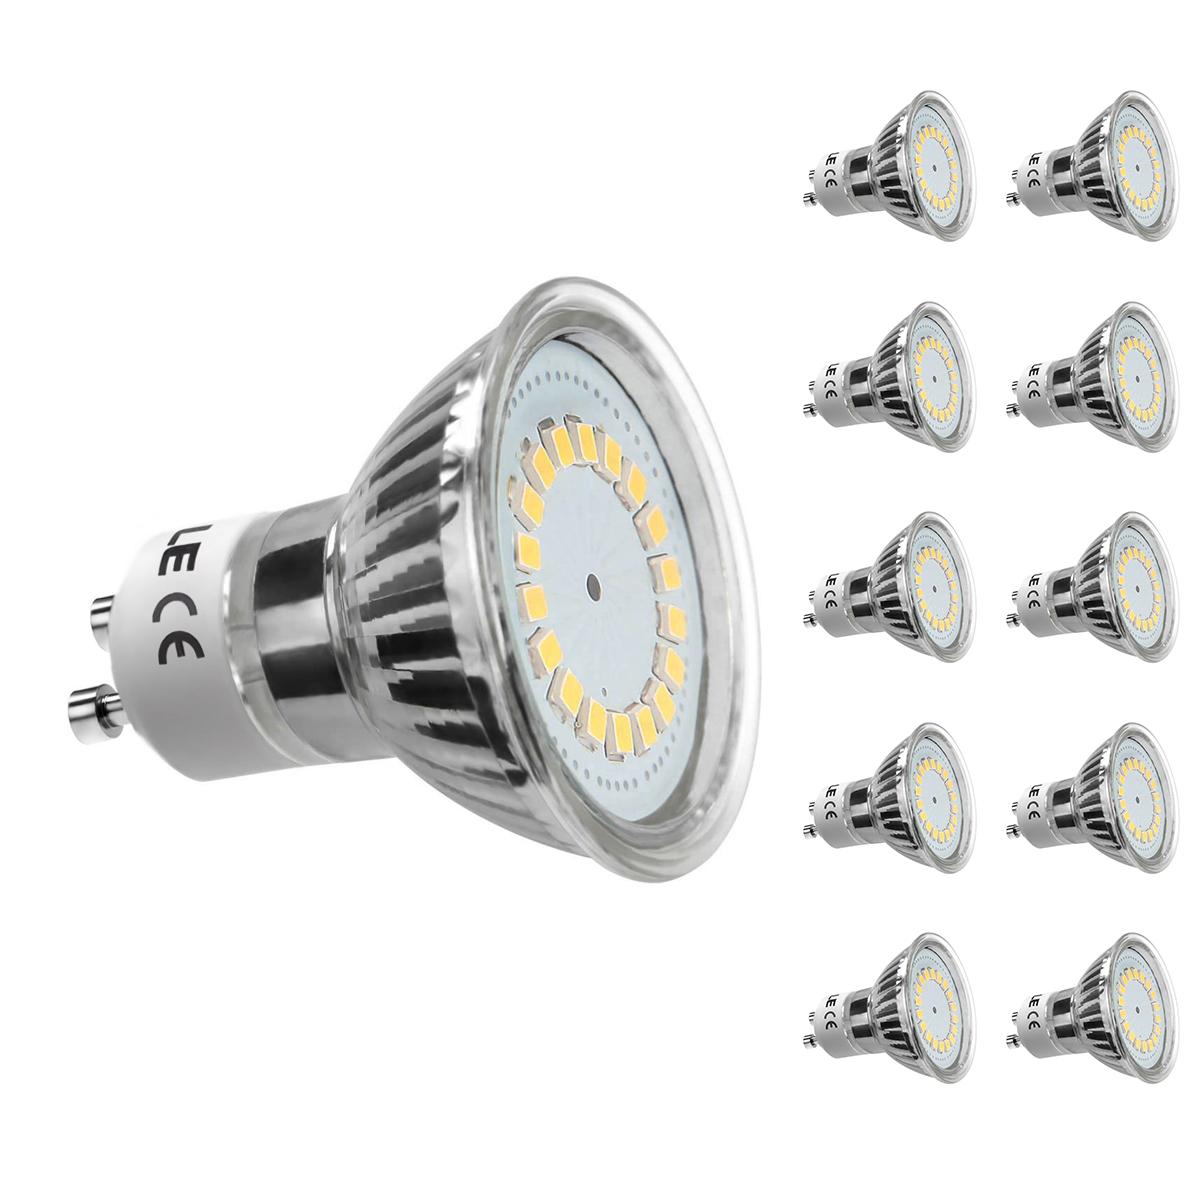 [Bündel] 3,5W GU10 MR16 LED Spot, 350lm Leuchtmittel, Ersatz für 50W Halogen, Warmweiß, 10er Set